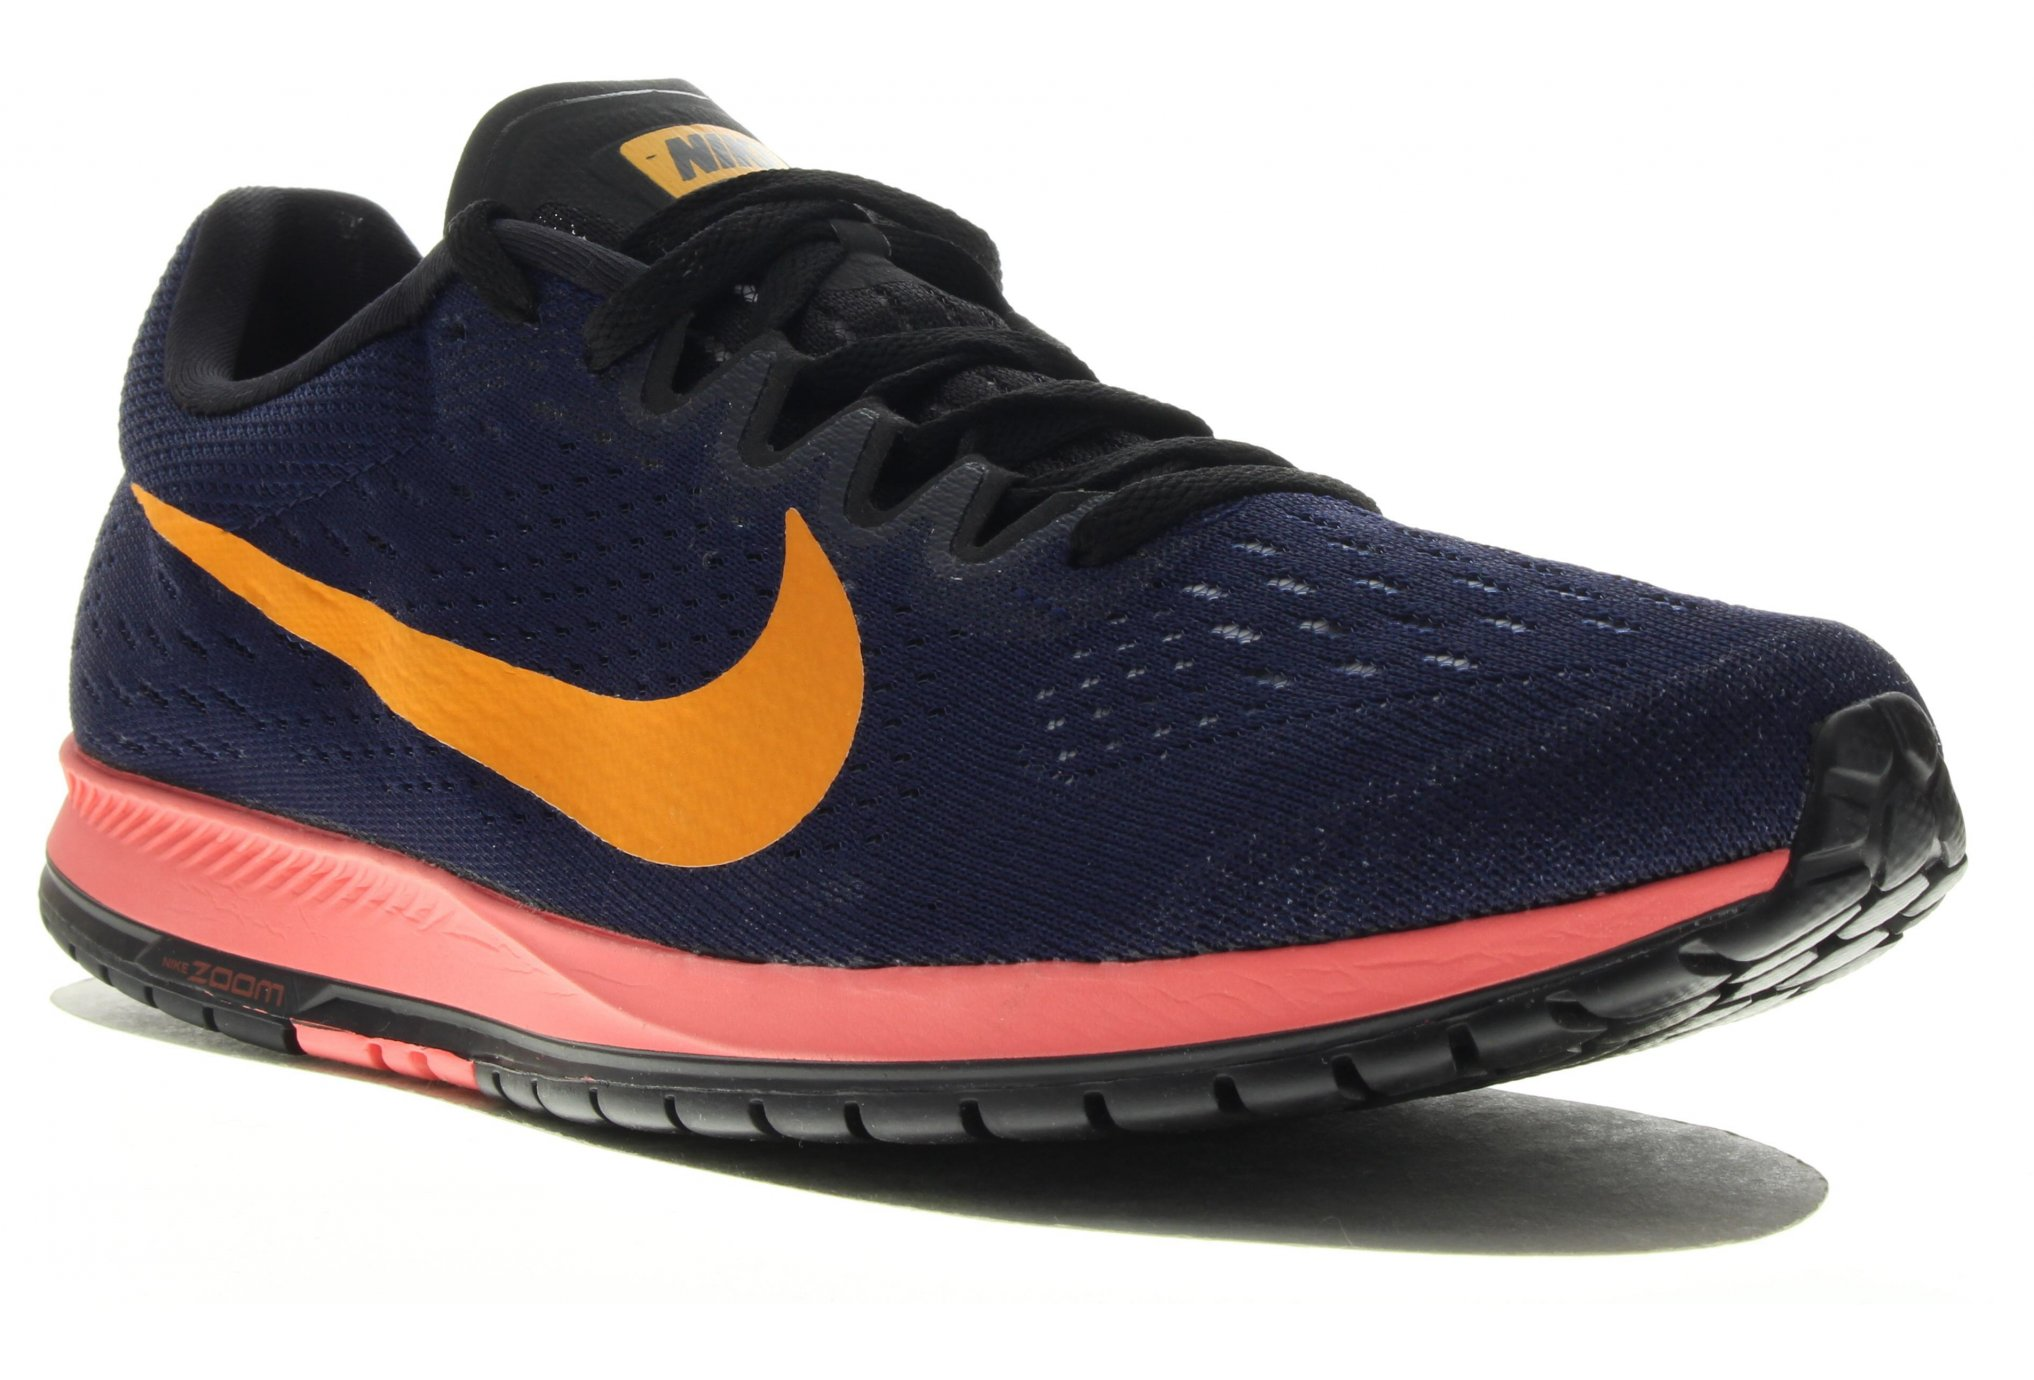 Nike Air Zoom Streak 6 déstockage running